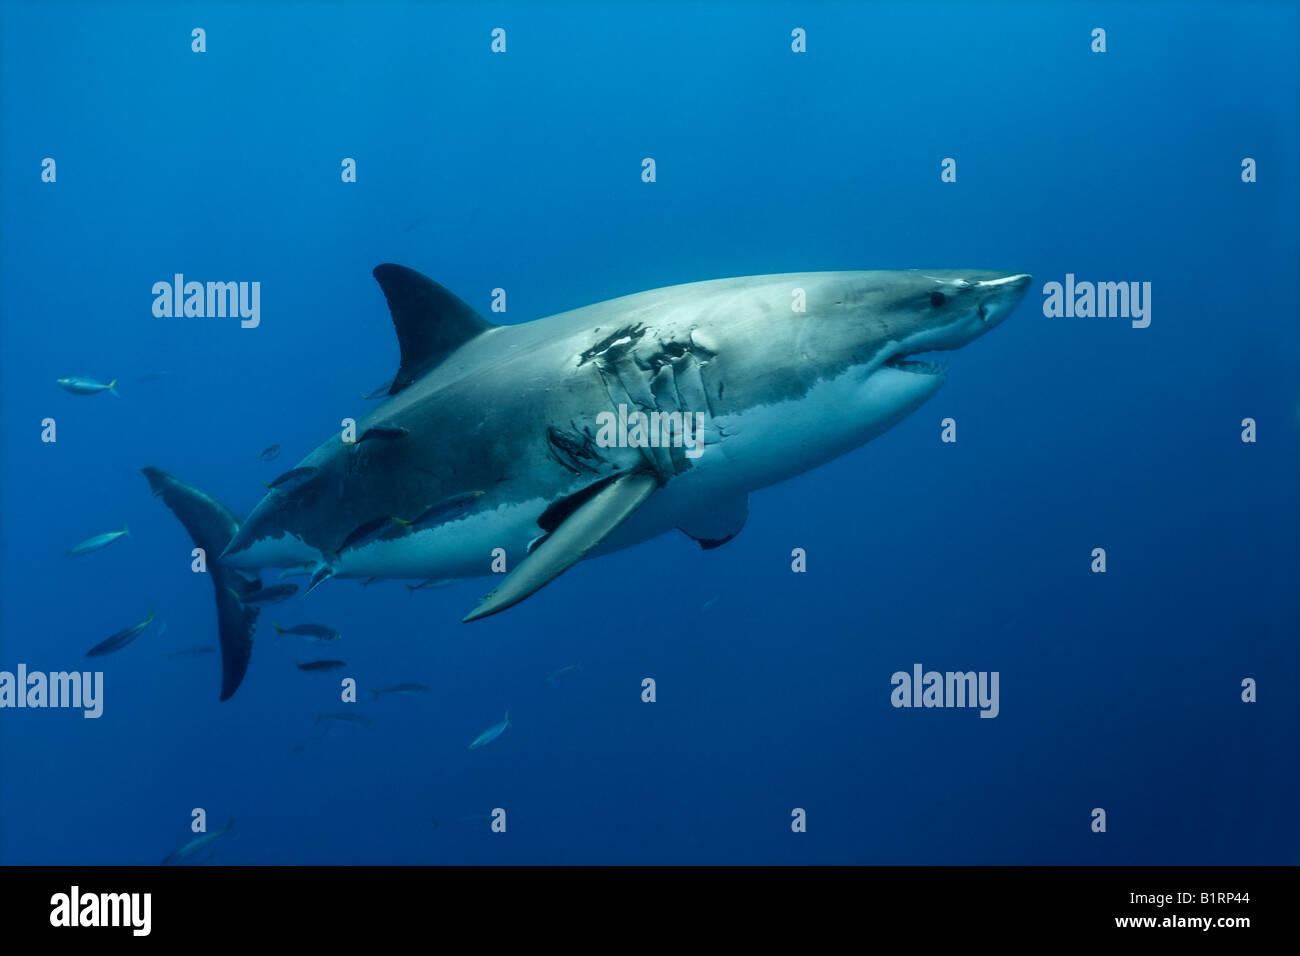 Gran Tiburón Blanco (Carcharodon carcharias), Isla Guadalupe, México, el Pacífico, América del Norte Foto de stock